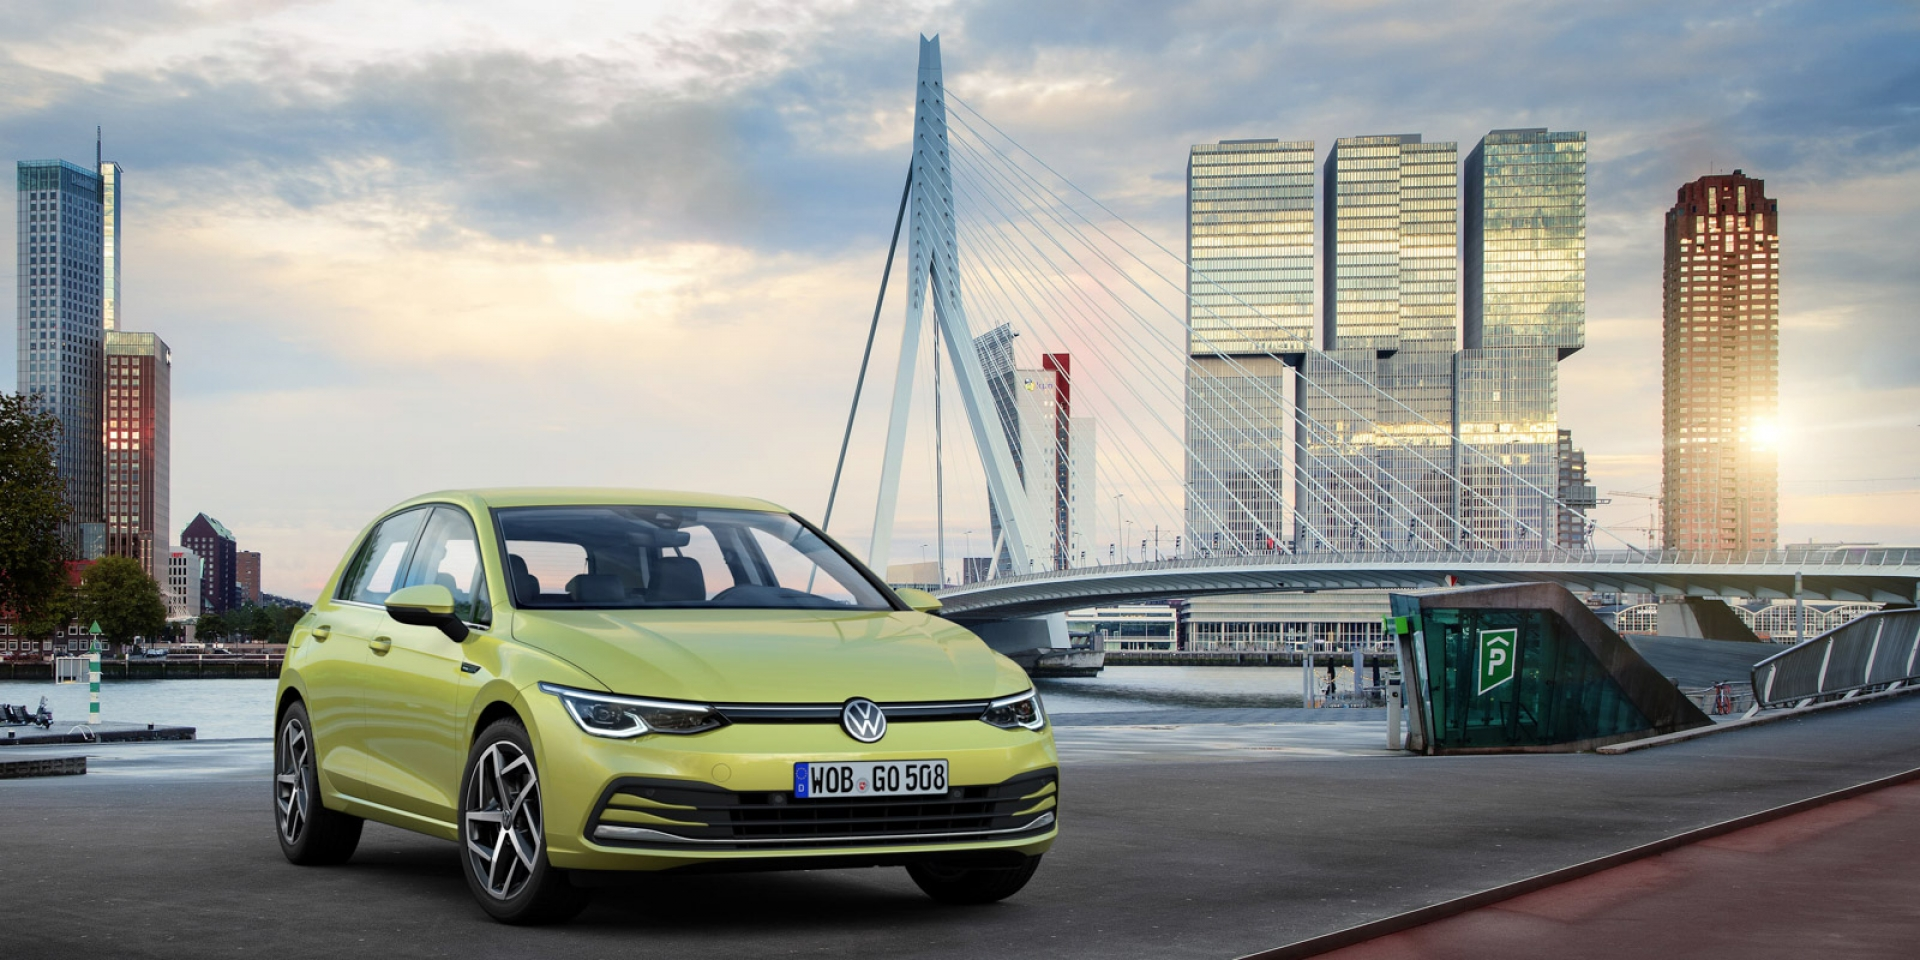 官方新聞稿。Volkswagen The all-new Golf夠服人 豪華配備陣容打造百萬內進口車級距首選 94.8萬起震撼登場